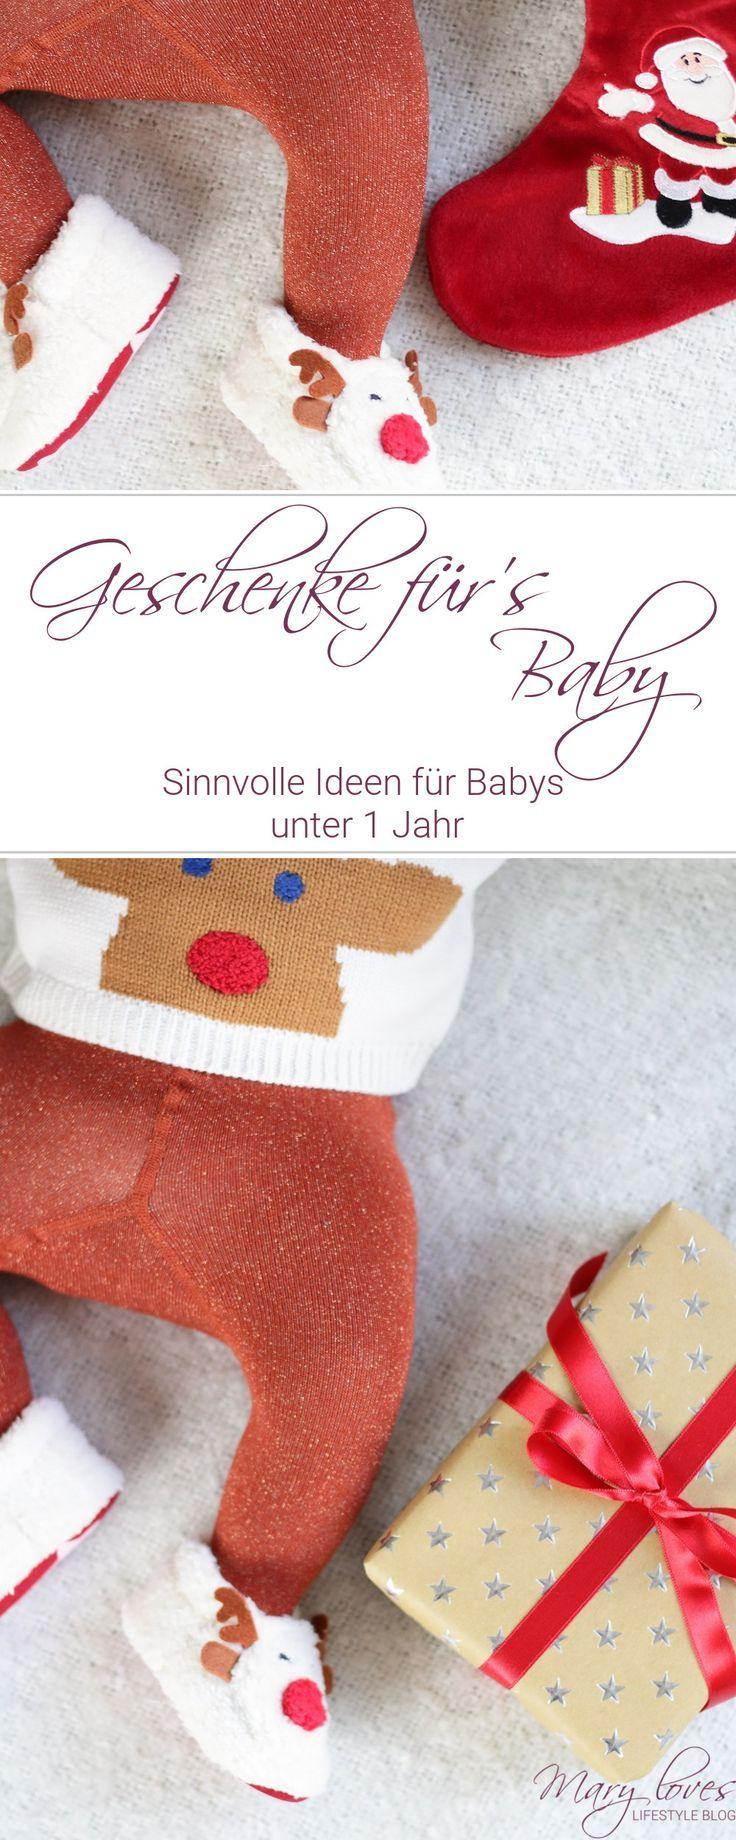 Geschenk fur baby 1 jahr